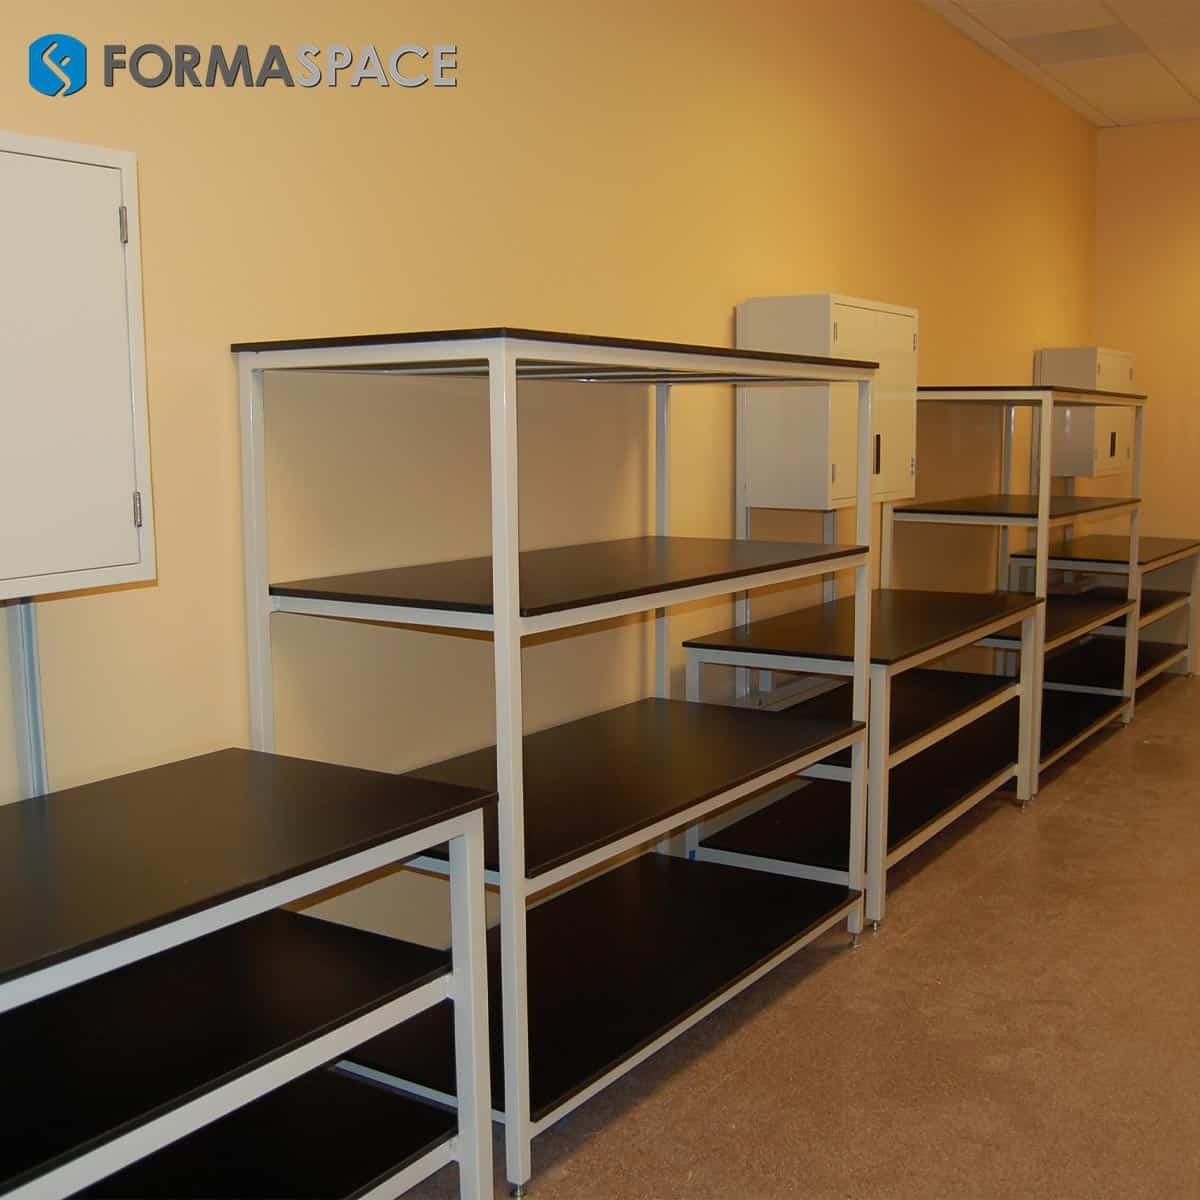 benchmarx and 4-shelf storage combo